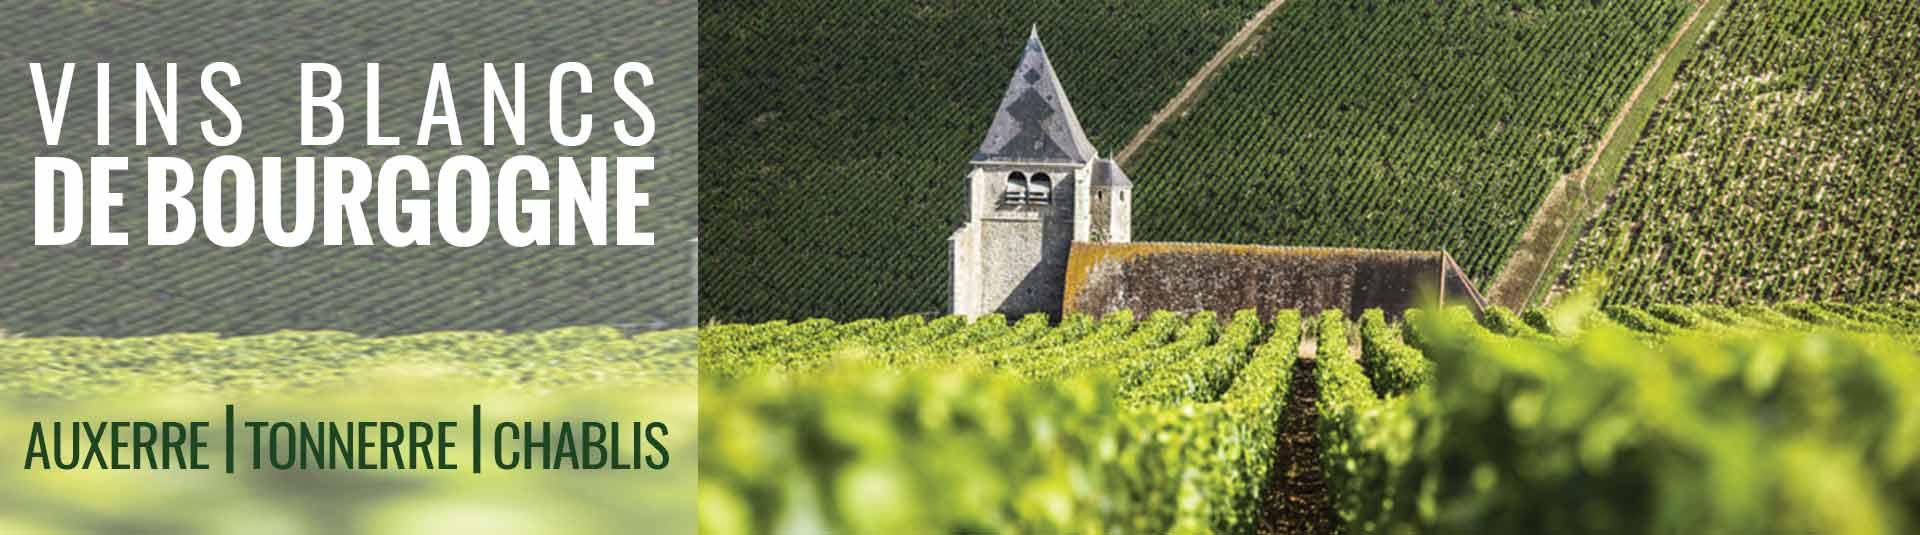 Vins de blancs de Bourgogne Auxerre, Tonnerre et Chablis